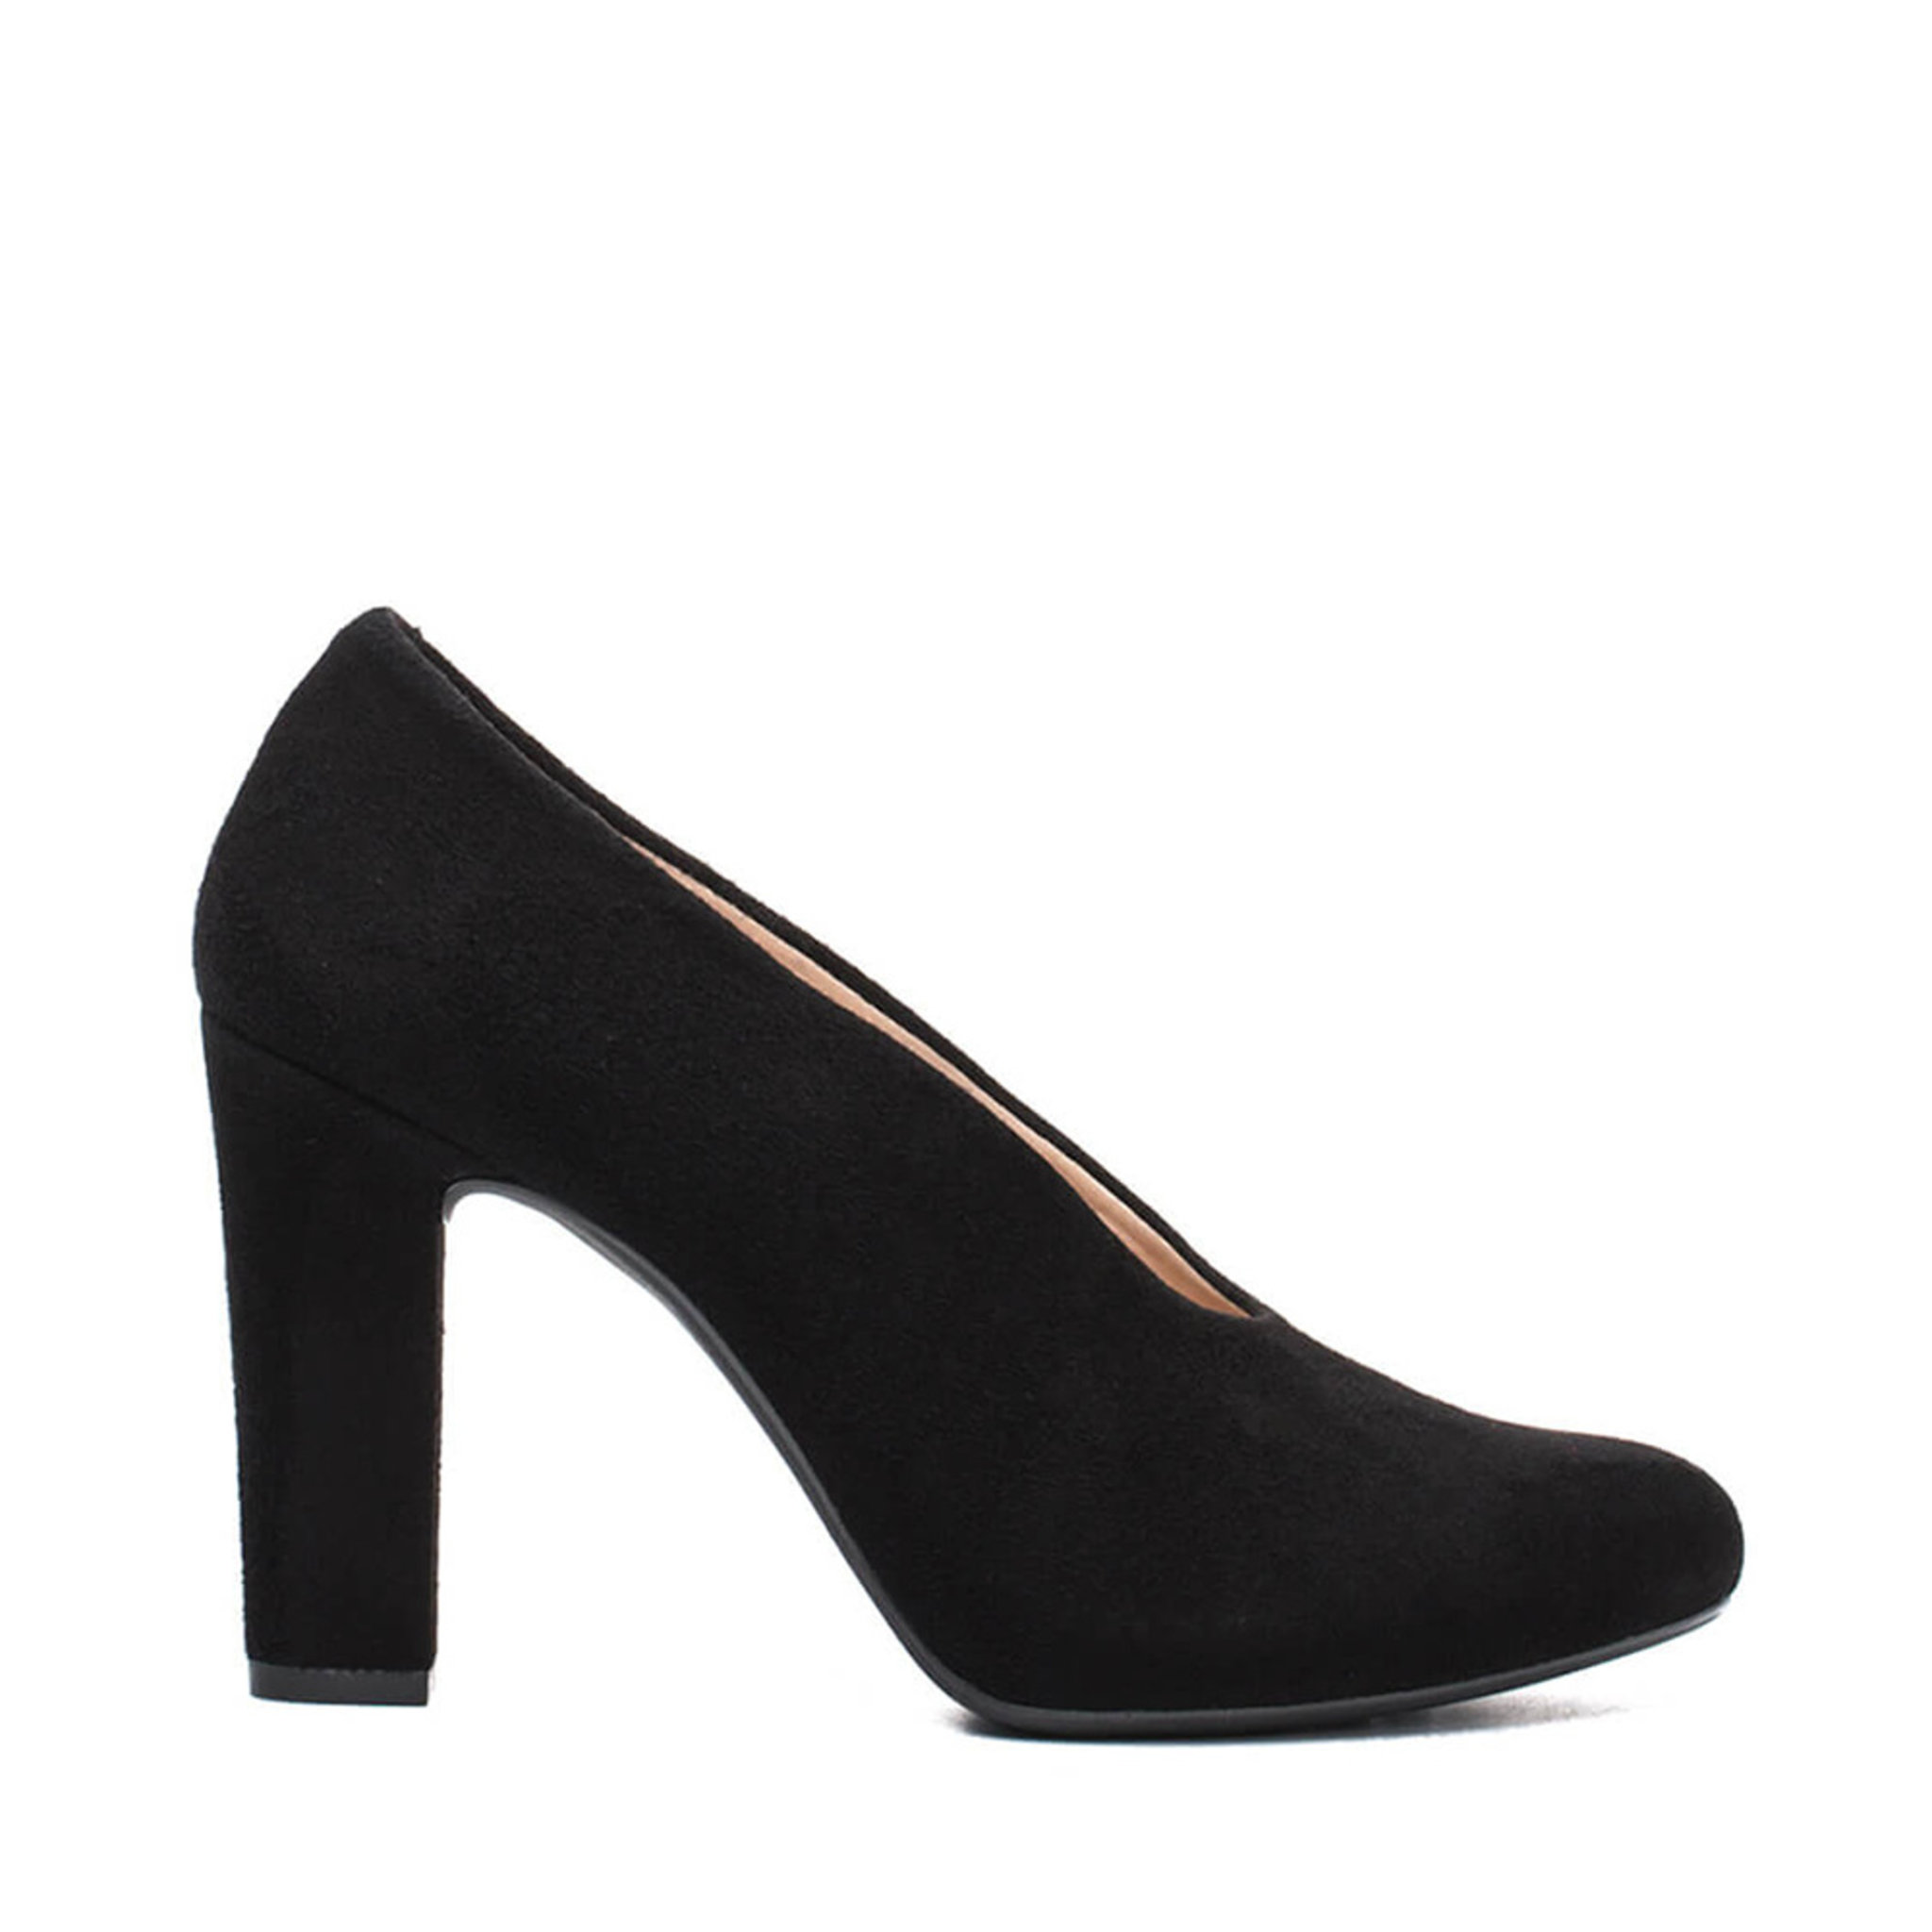 Pumps Porfa - Stövlar   boots - Köp online på åhlens.se! 55765b56f29fc